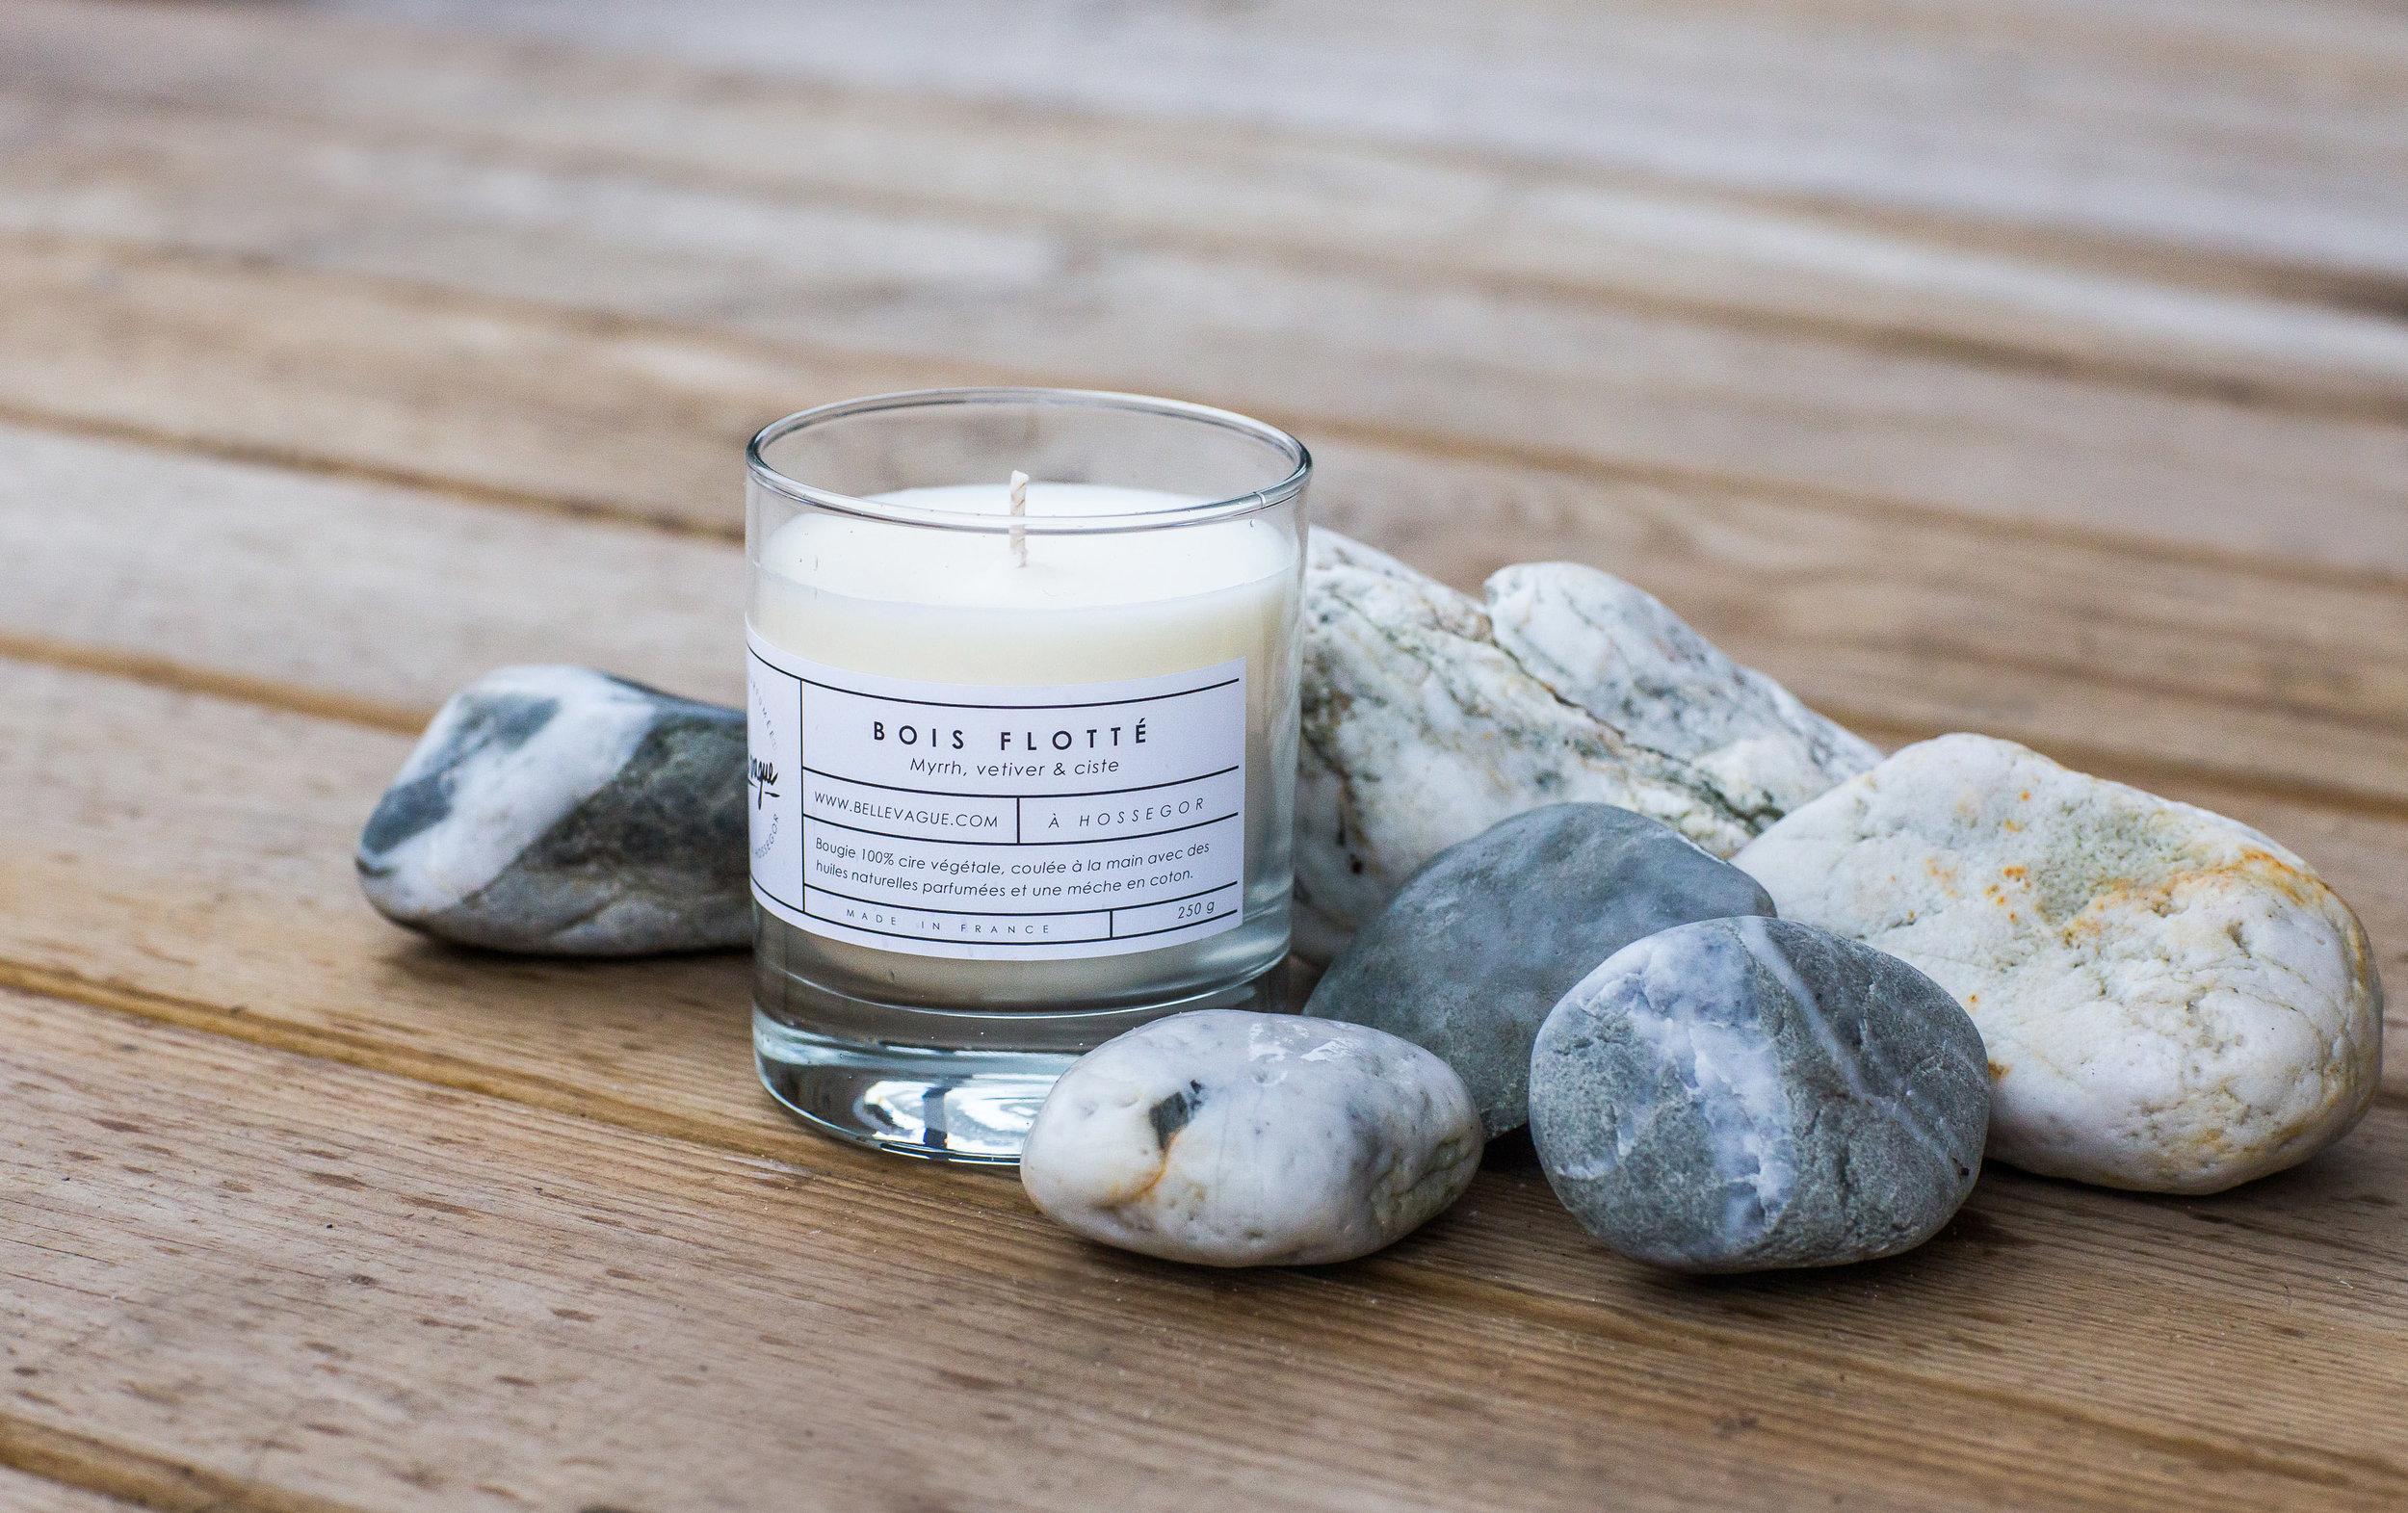 Bois Flotté - Cette bougie á un parfum boisé épicé. Avec sa touche unique légèrement masculine, il mélange vétiver, myrrhe et ciste.